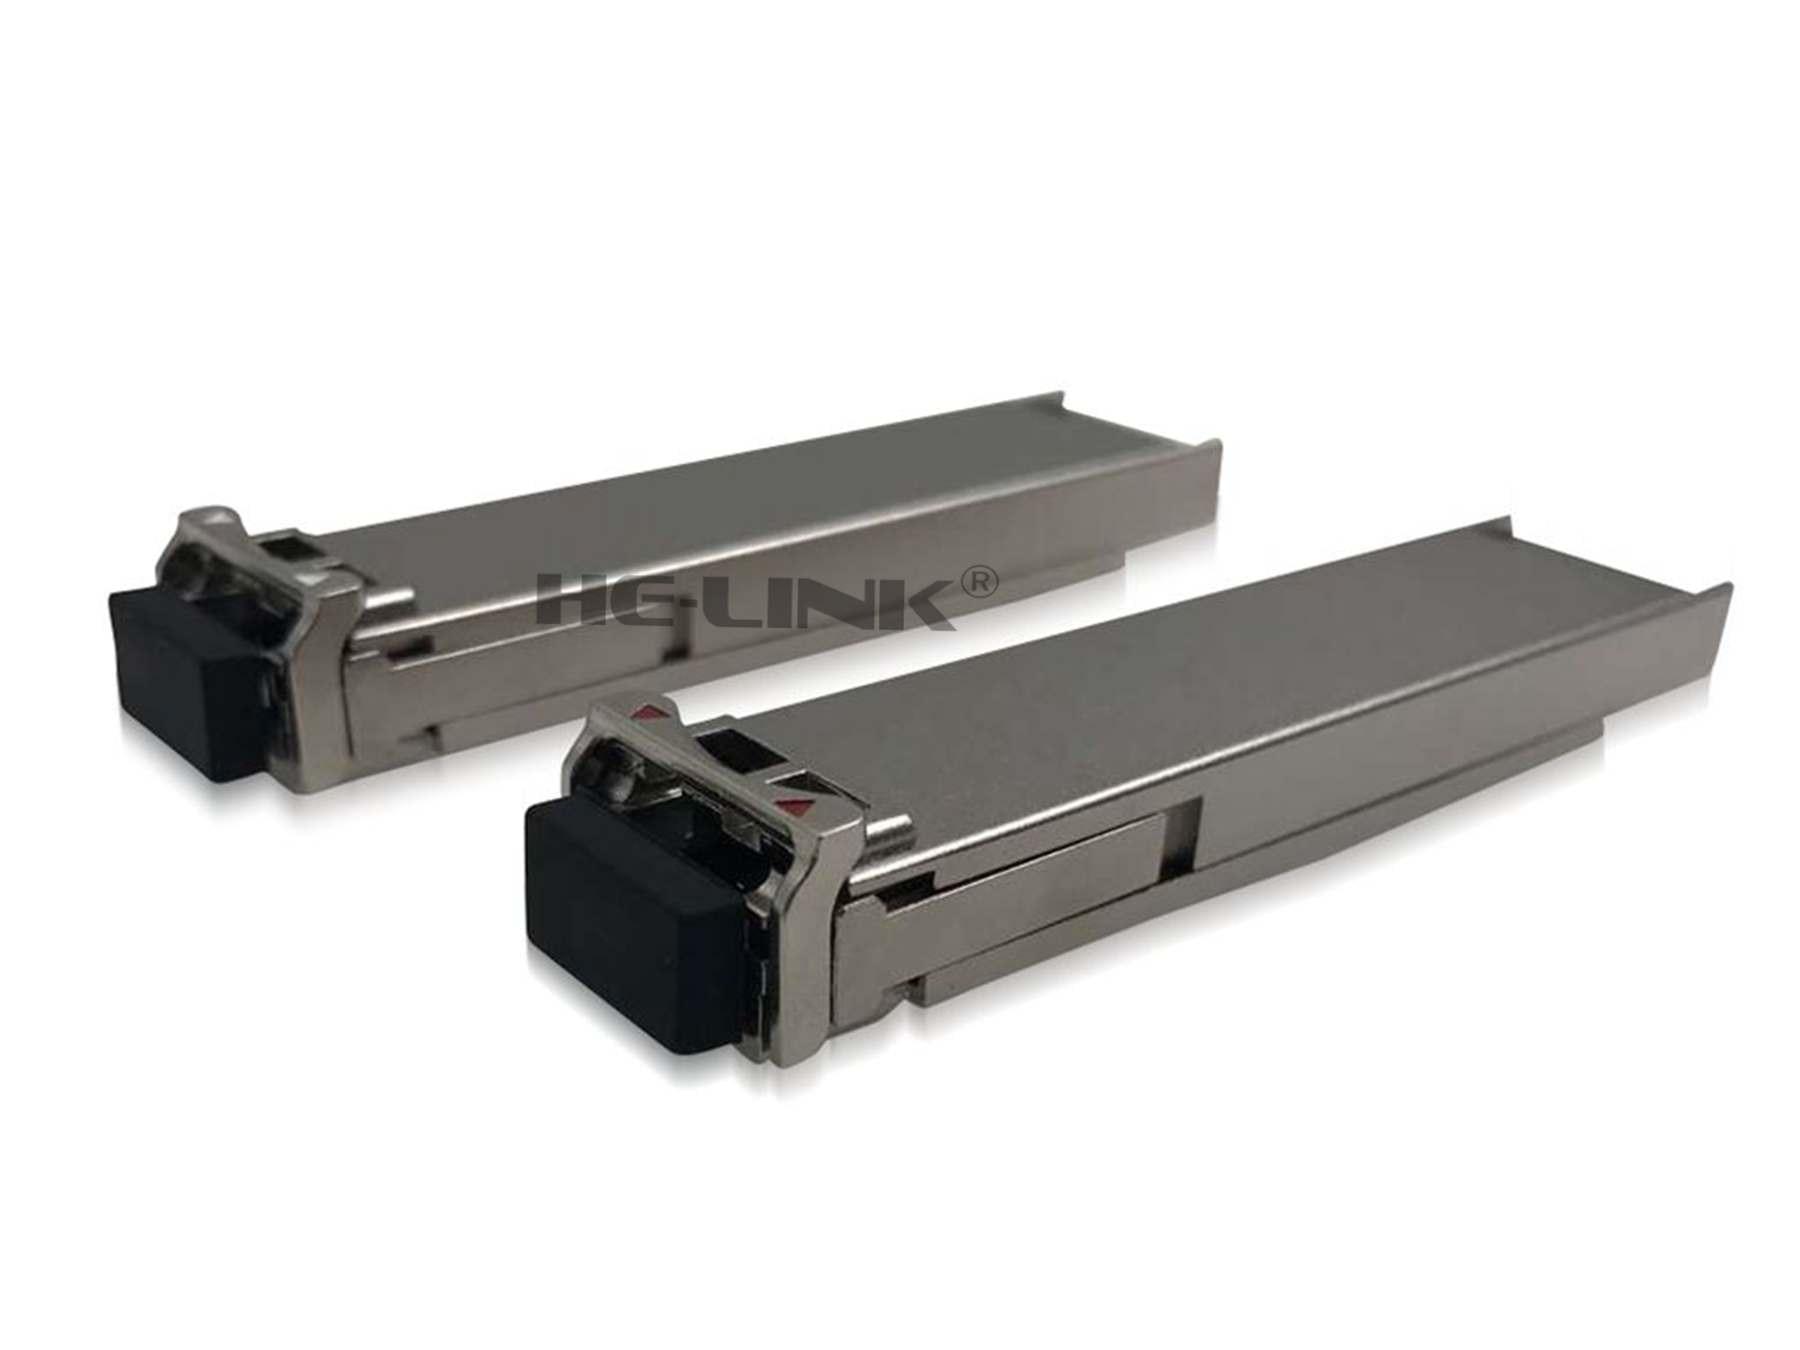 LODFIBER XFP-10G-BX60U-I/XFP-10G-BX60D-I CI-S-CO Compatible Pair of BiDi XFP 10G 60km TransceiverLODFIBER XFP-10G-BX60U-I/XFP-10G-BX60D-I CI-S-CO Compatible Pair of BiDi XFP 10G 60km Transceiver